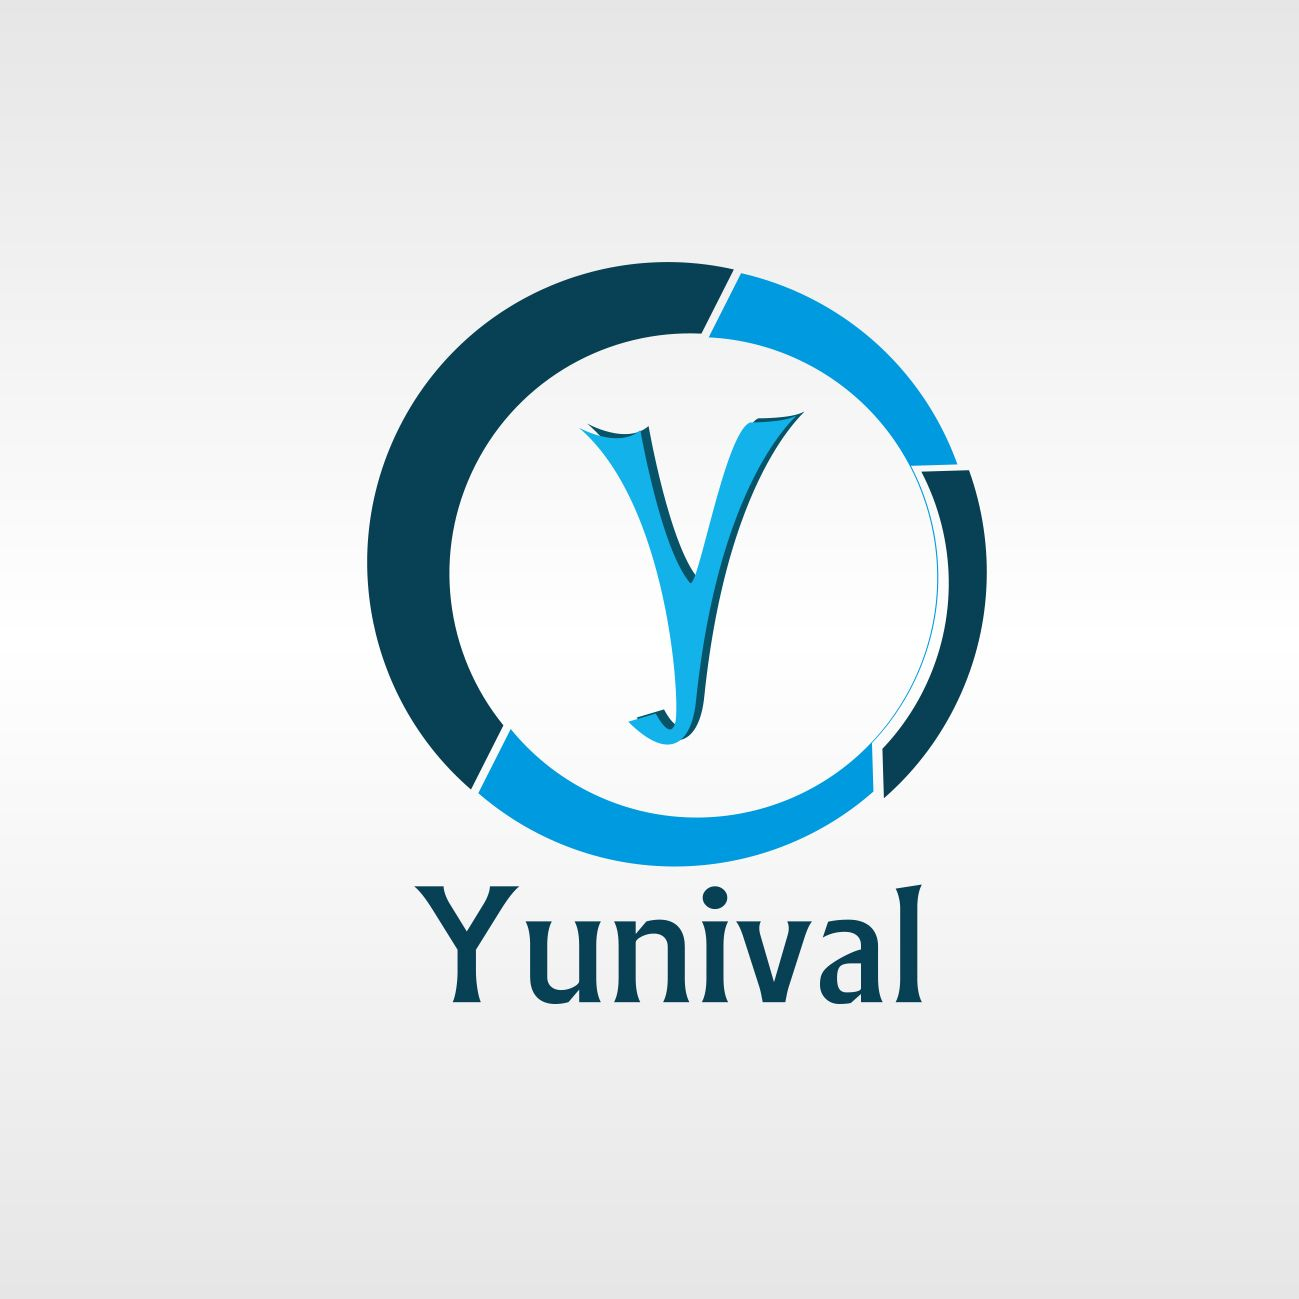 Логотип, фирменный стиль для Ай Ти компании - дизайнер Artfoth